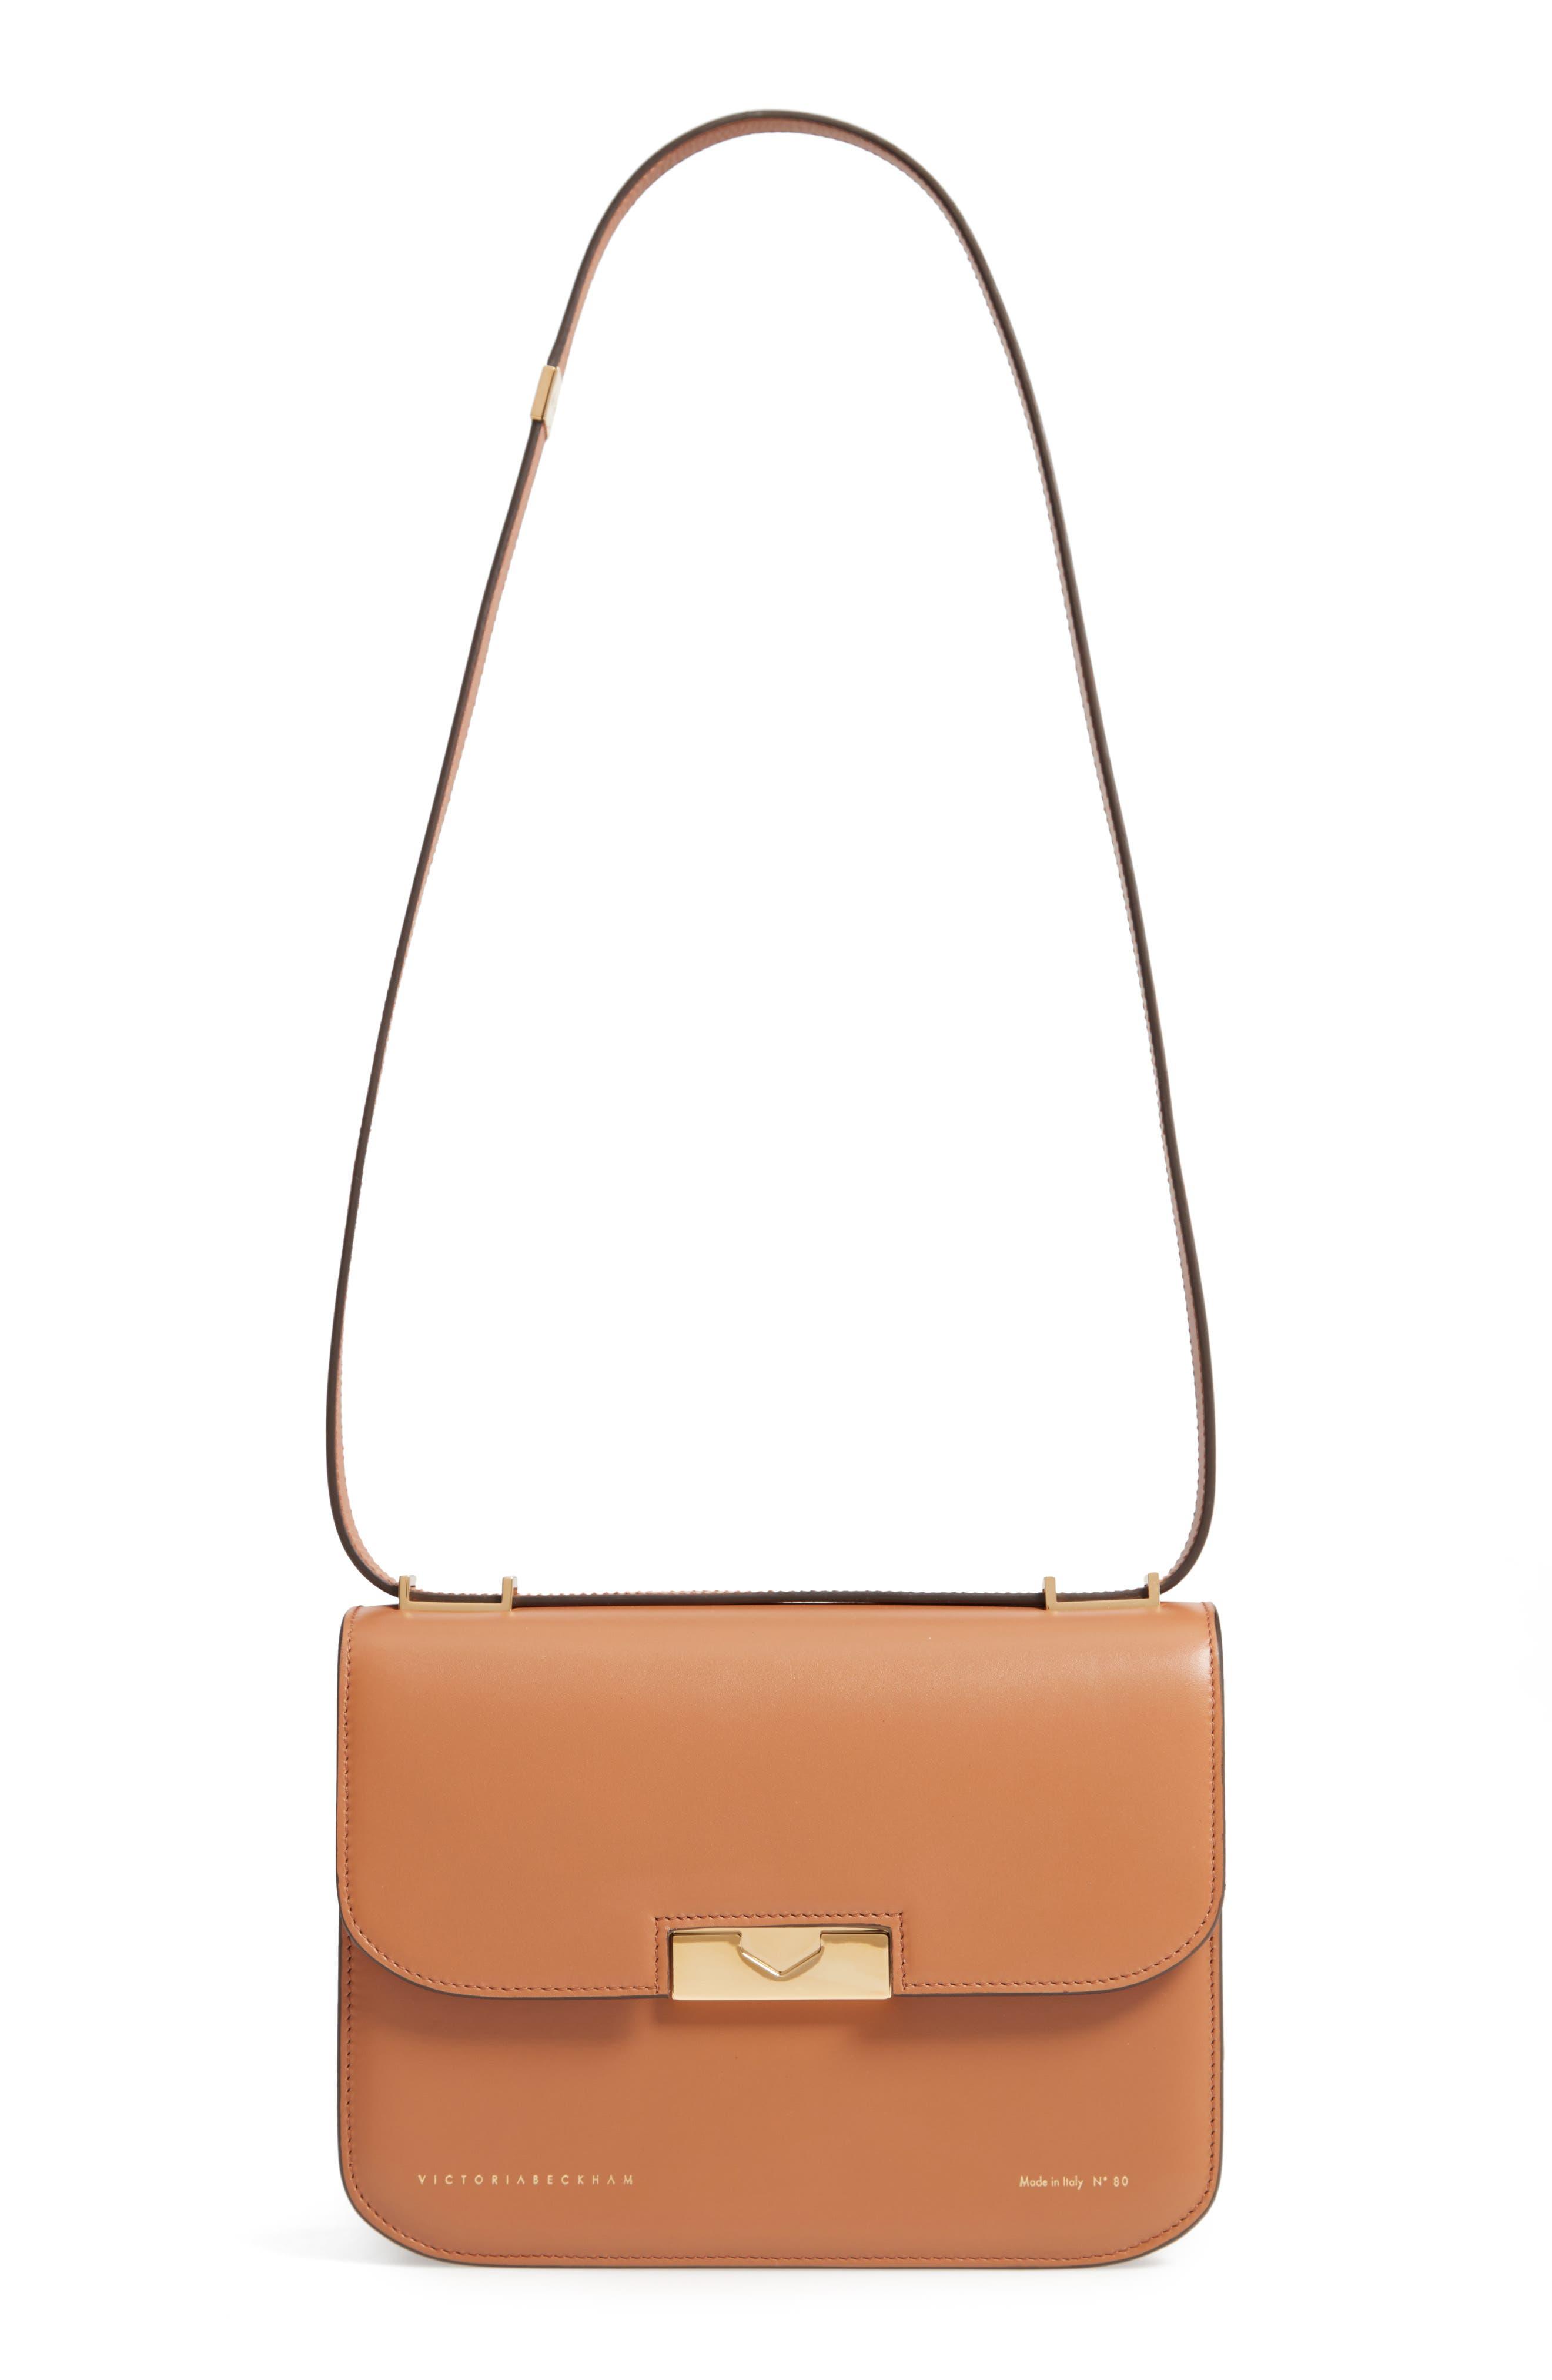 VICTORIA BECKHAM Eva Calfskin Leather Shoulder Bag, Main, color, CAMEL